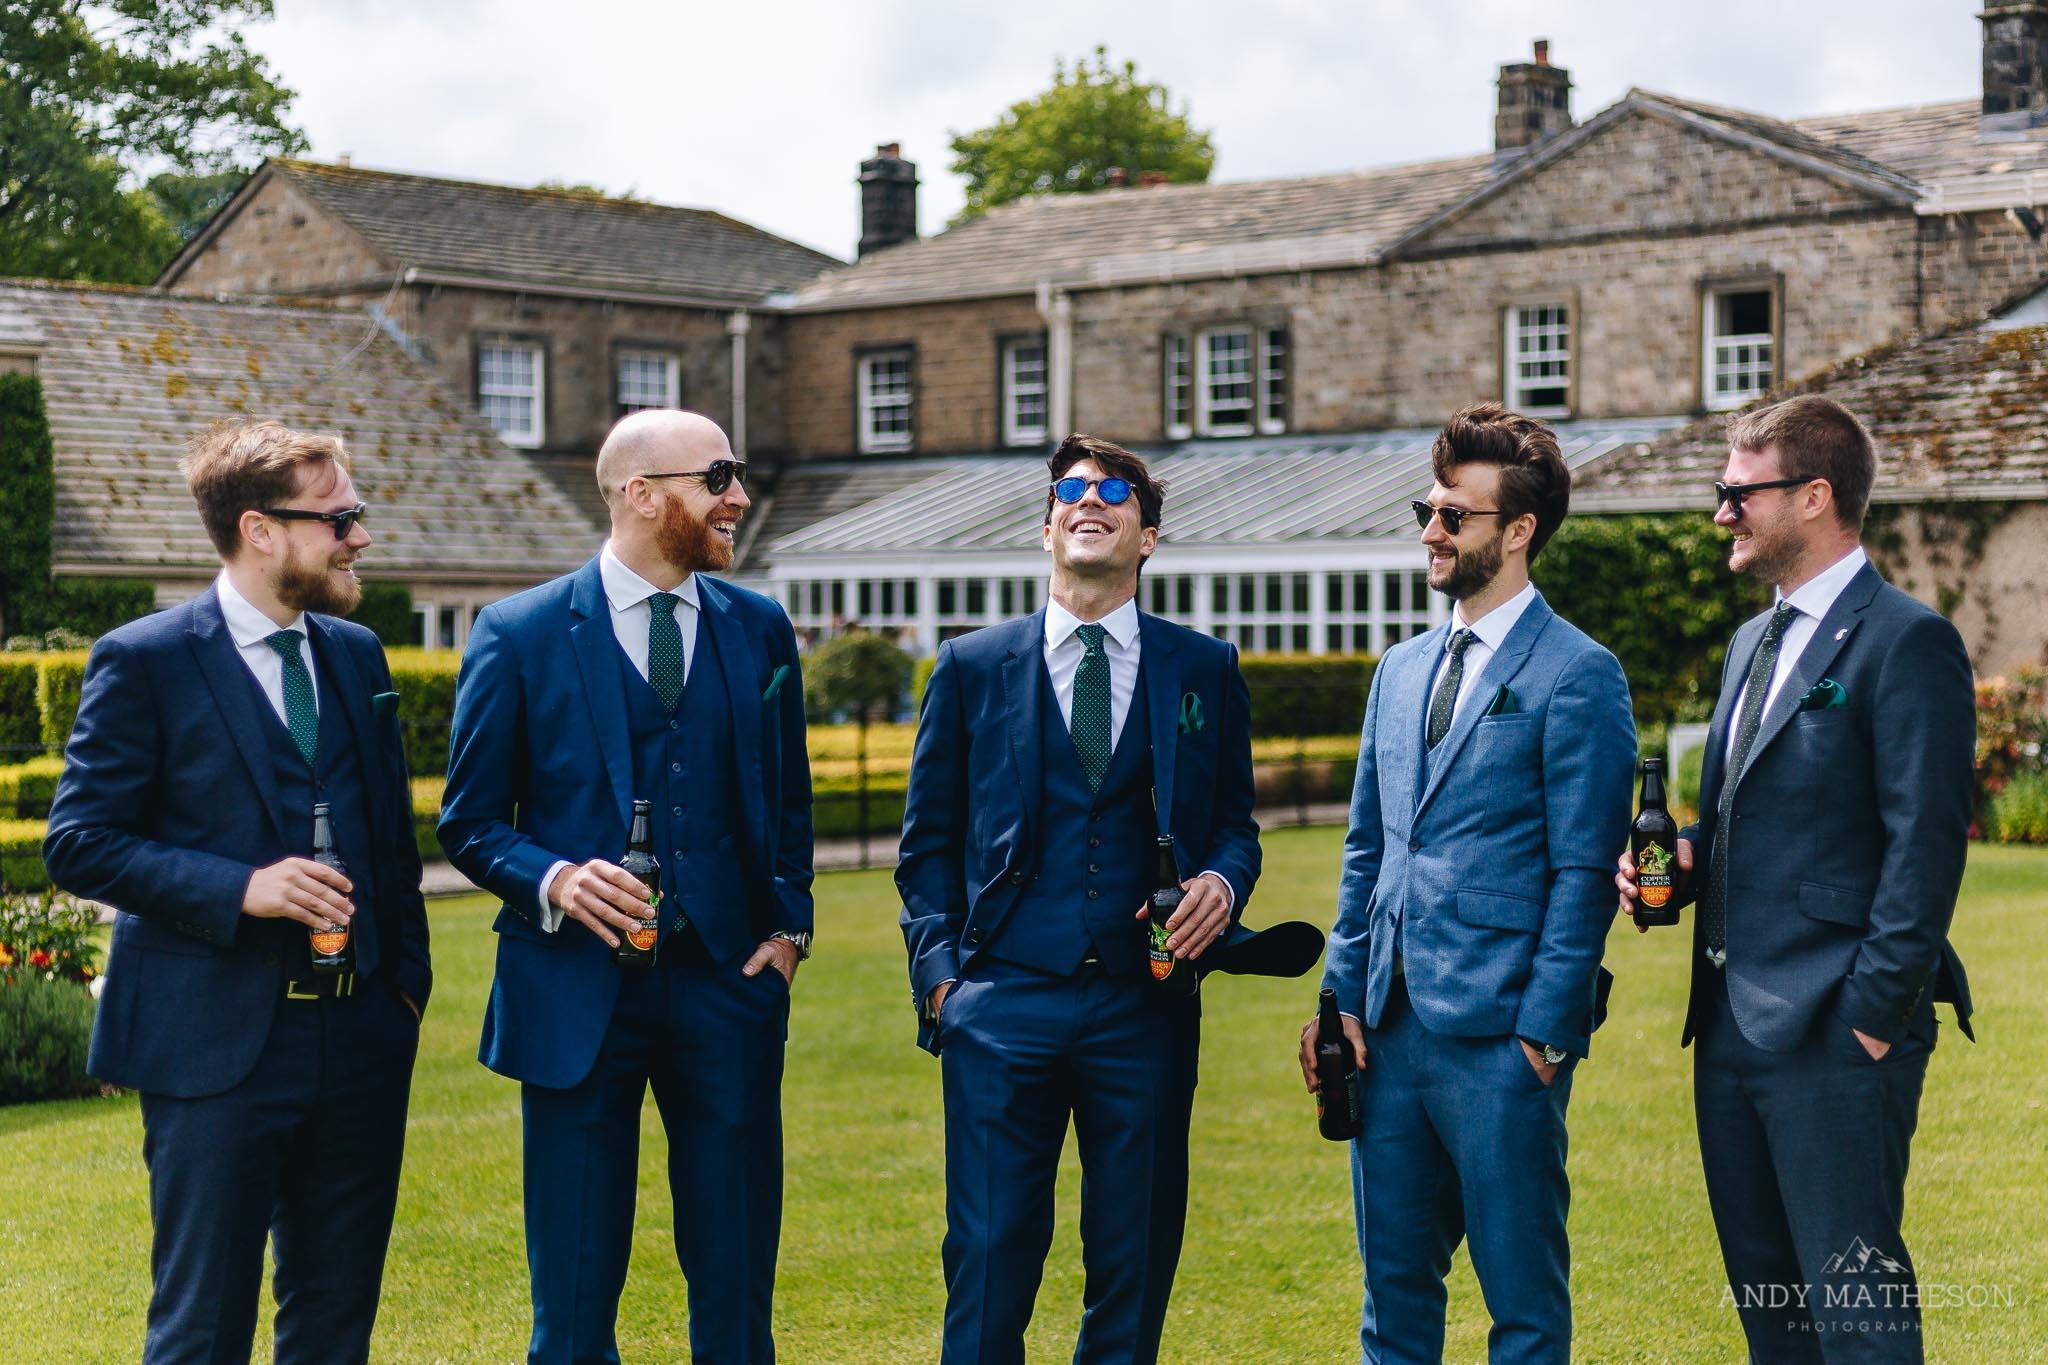 Tithe Barn Bolton Abbey Wedding Photographer_Andy Matheson_019.jpg